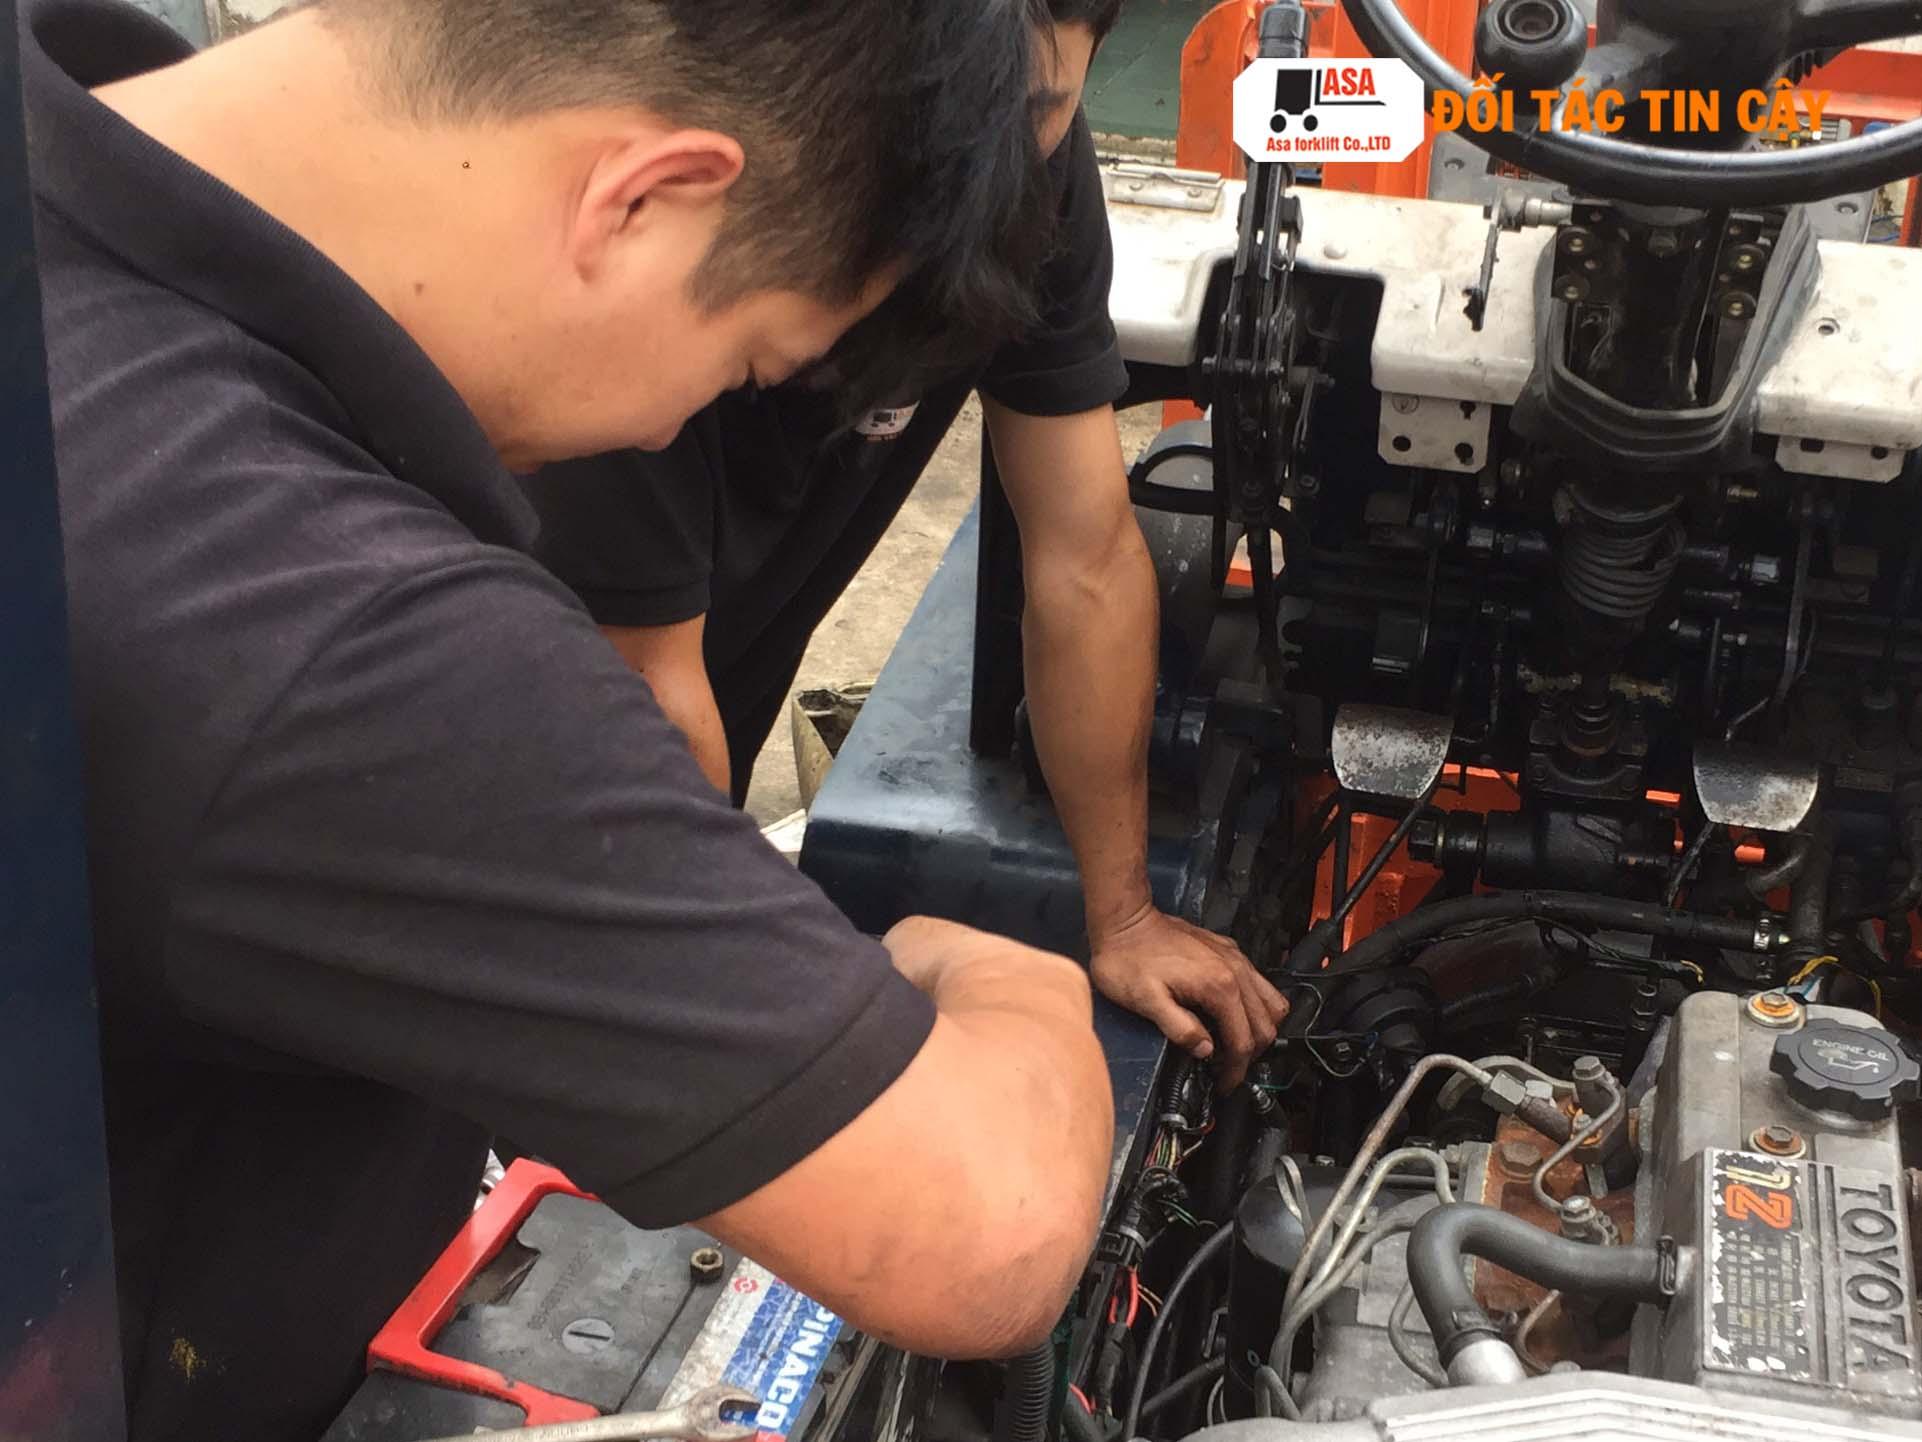 Sửa chữa xe nâng dầu tất cả các hãng với giá rẻ bảo đảm chất lượng